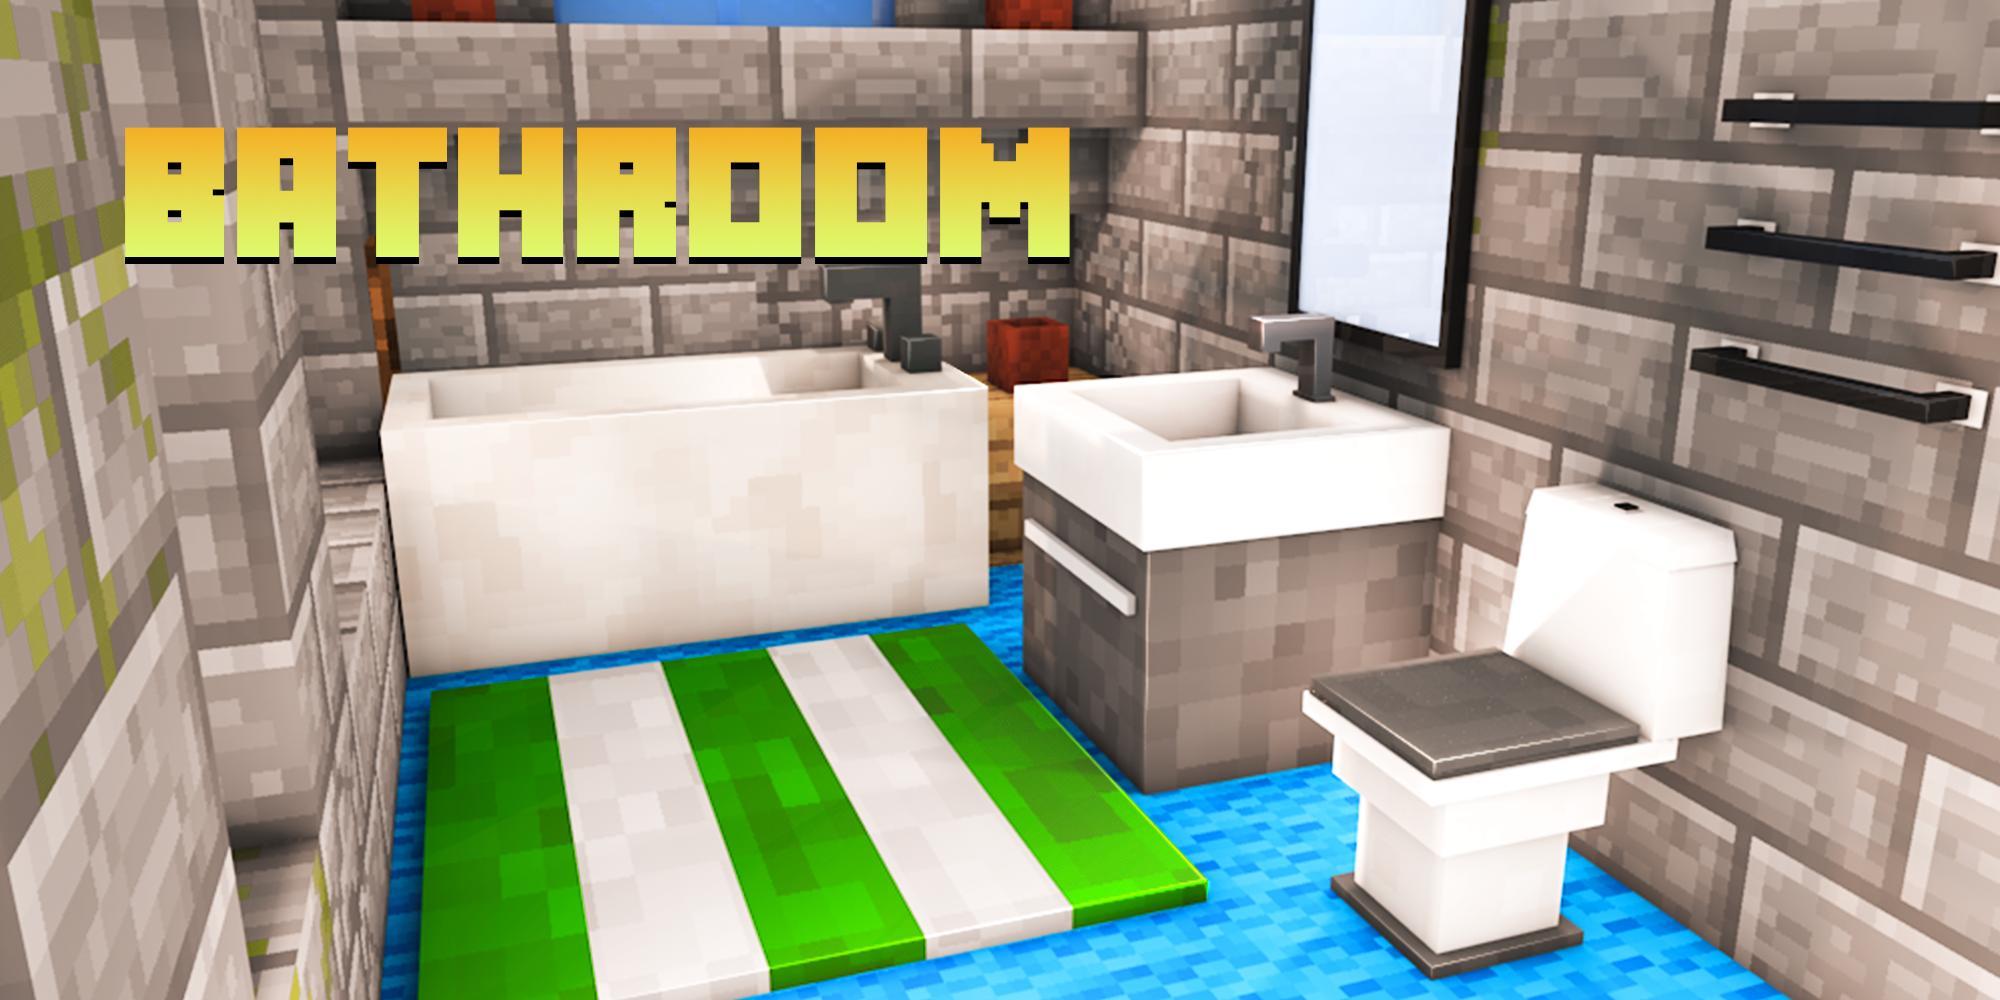 Full Size of Mbel Mods Fr Minecraft Pe Android Apk Herunterladen Armatur Küche Komplette Einbau Mülleimer Eckschrank Modulküche Nolte Läufer Pendelleuchten Ohne Wohnzimmer Minecraft Küche